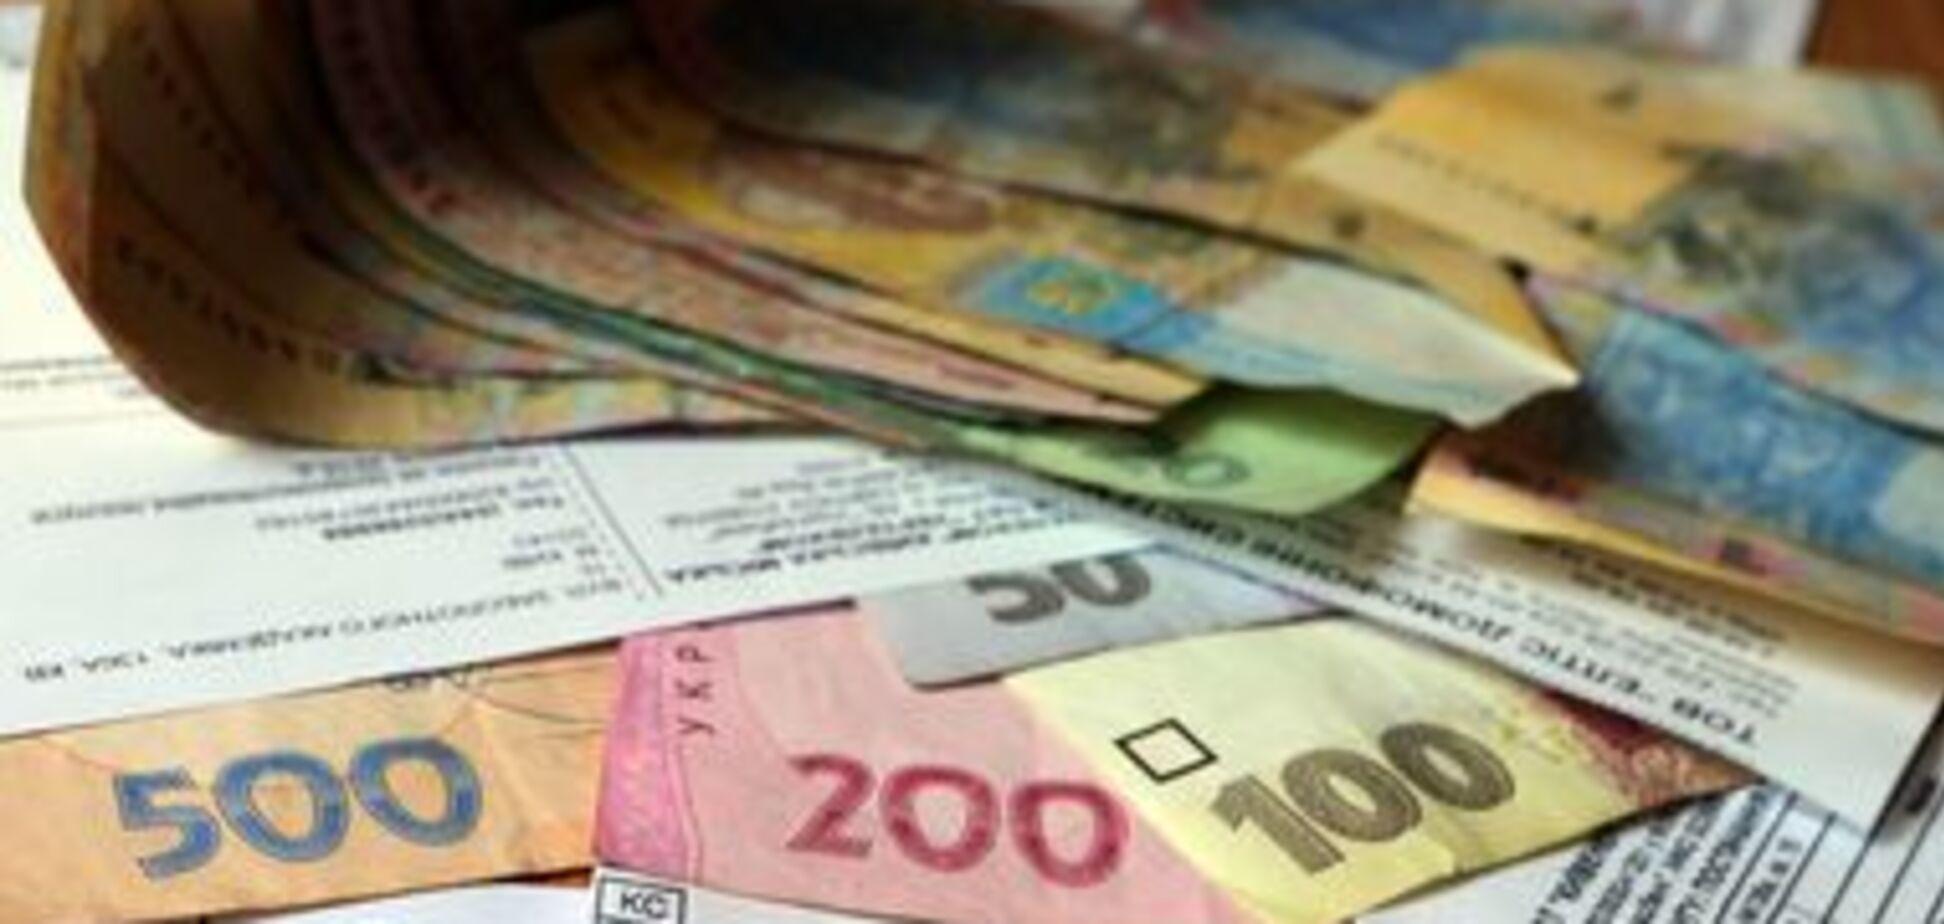 Фейкові платіжки за газ і блокування розмитнення ''євроблях'': поліцію закликали до розслідування